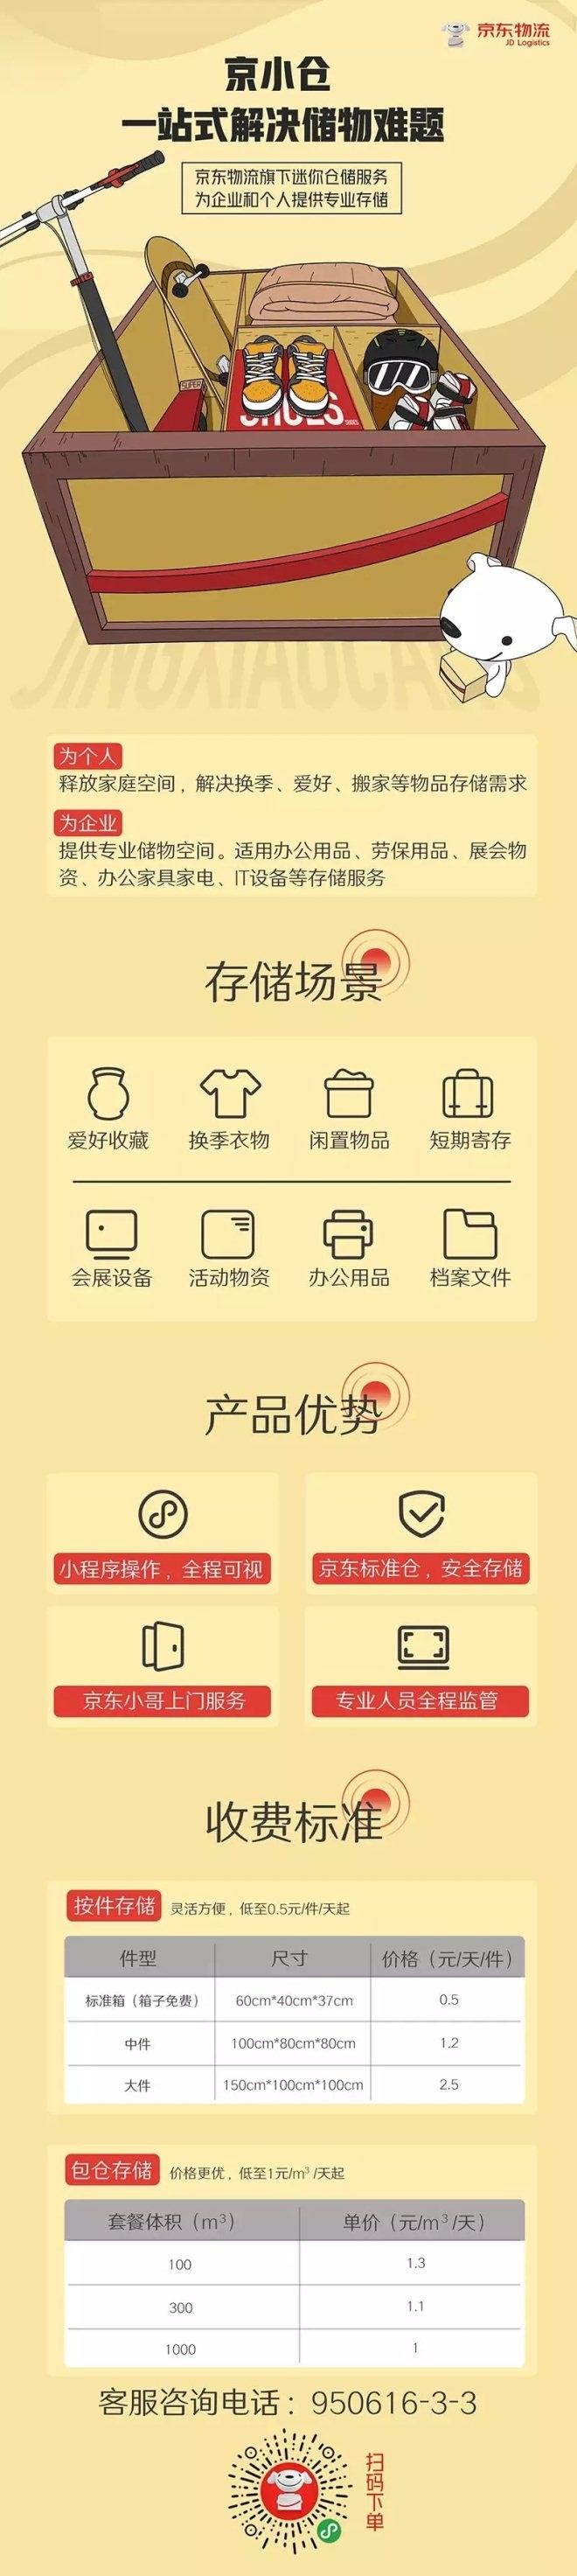 http://www.shangoudaohang.com/zhifu/208681.html